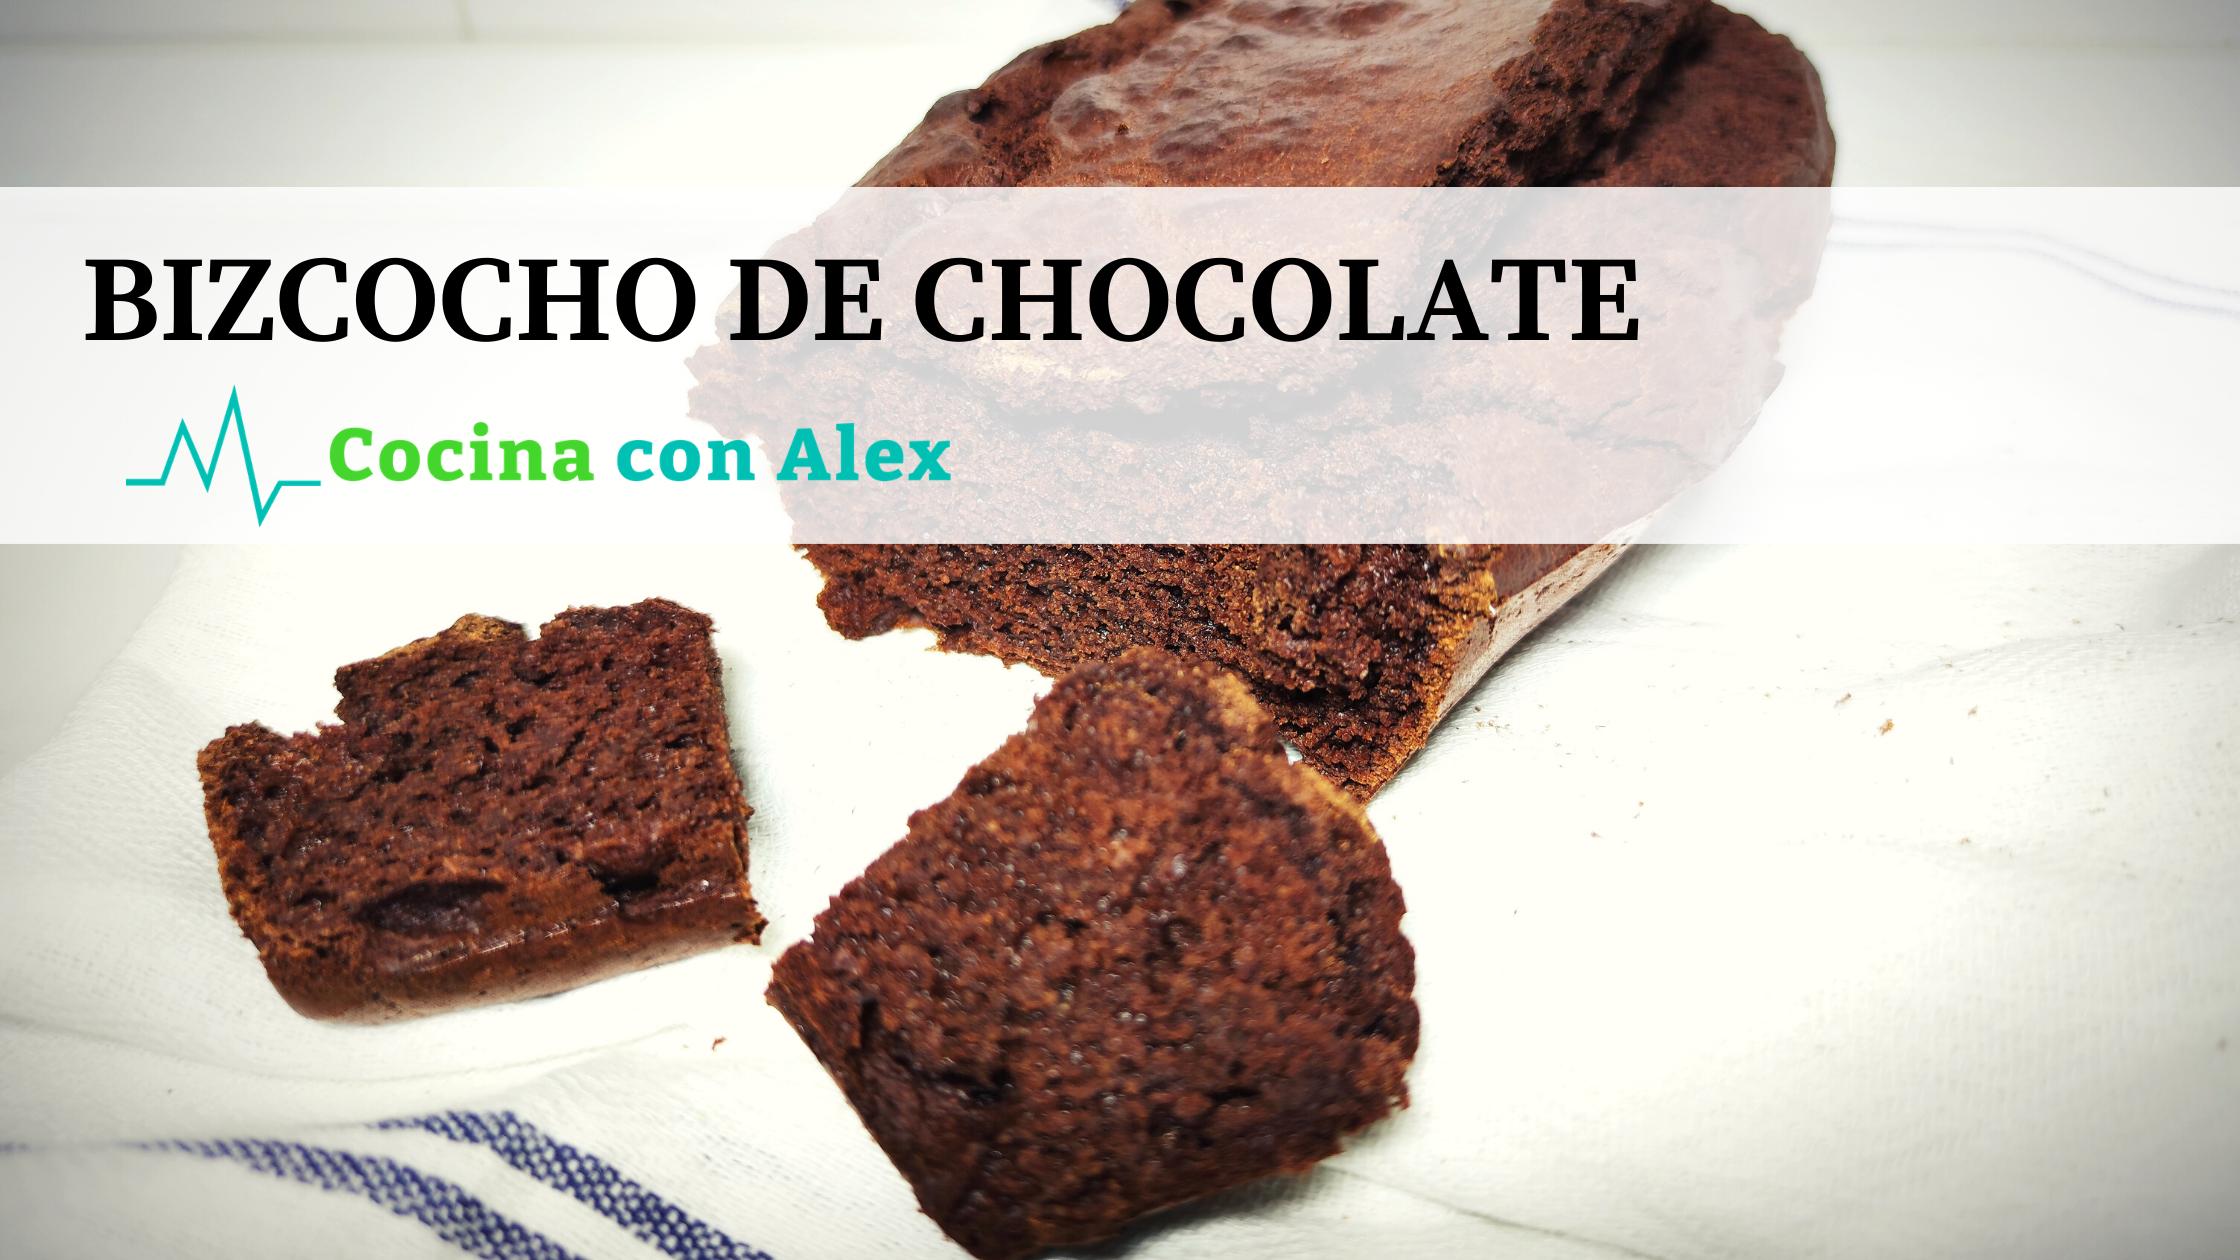 Bizcocho de chocolate fit alex arroyo fit. Un postre perfecto para seguir cuidando de la dieta y perder peso.